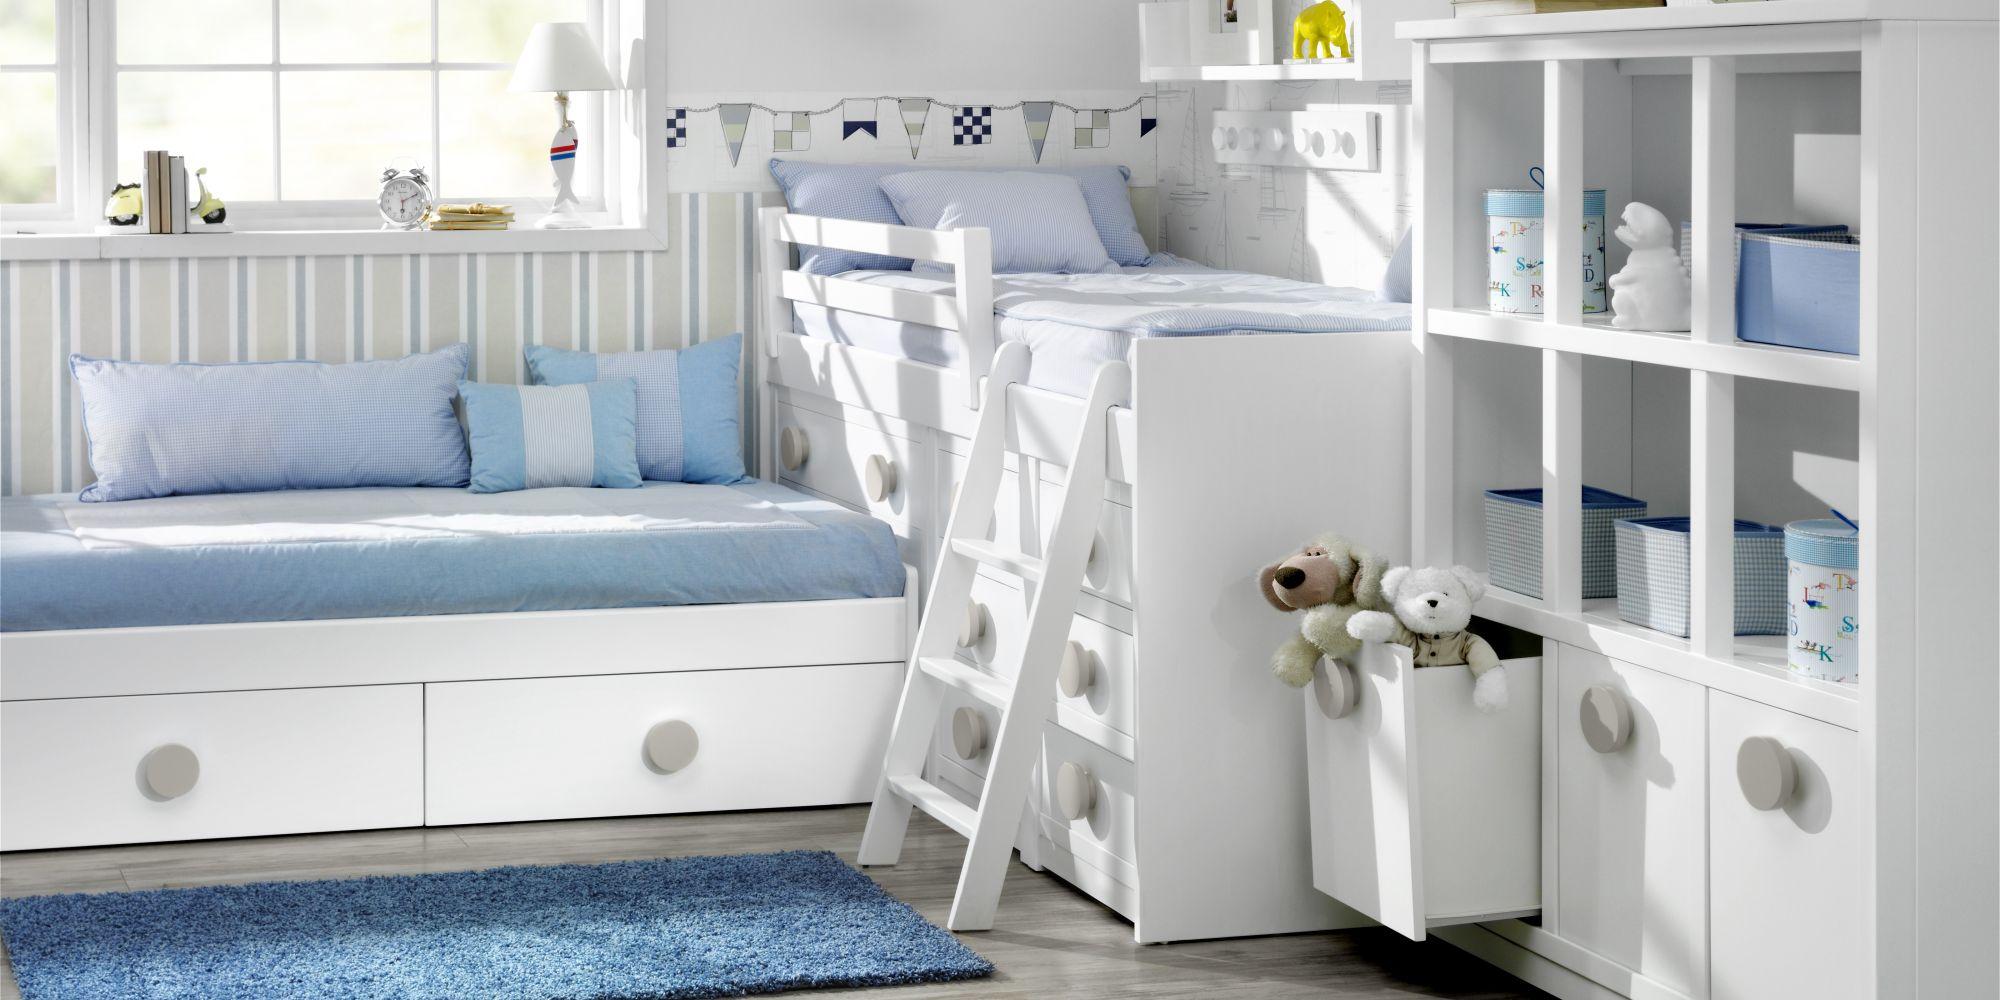 Bloque alto con 2 camas y zona de almacenaje, ideal para habitación infantil | Mueble Infantil